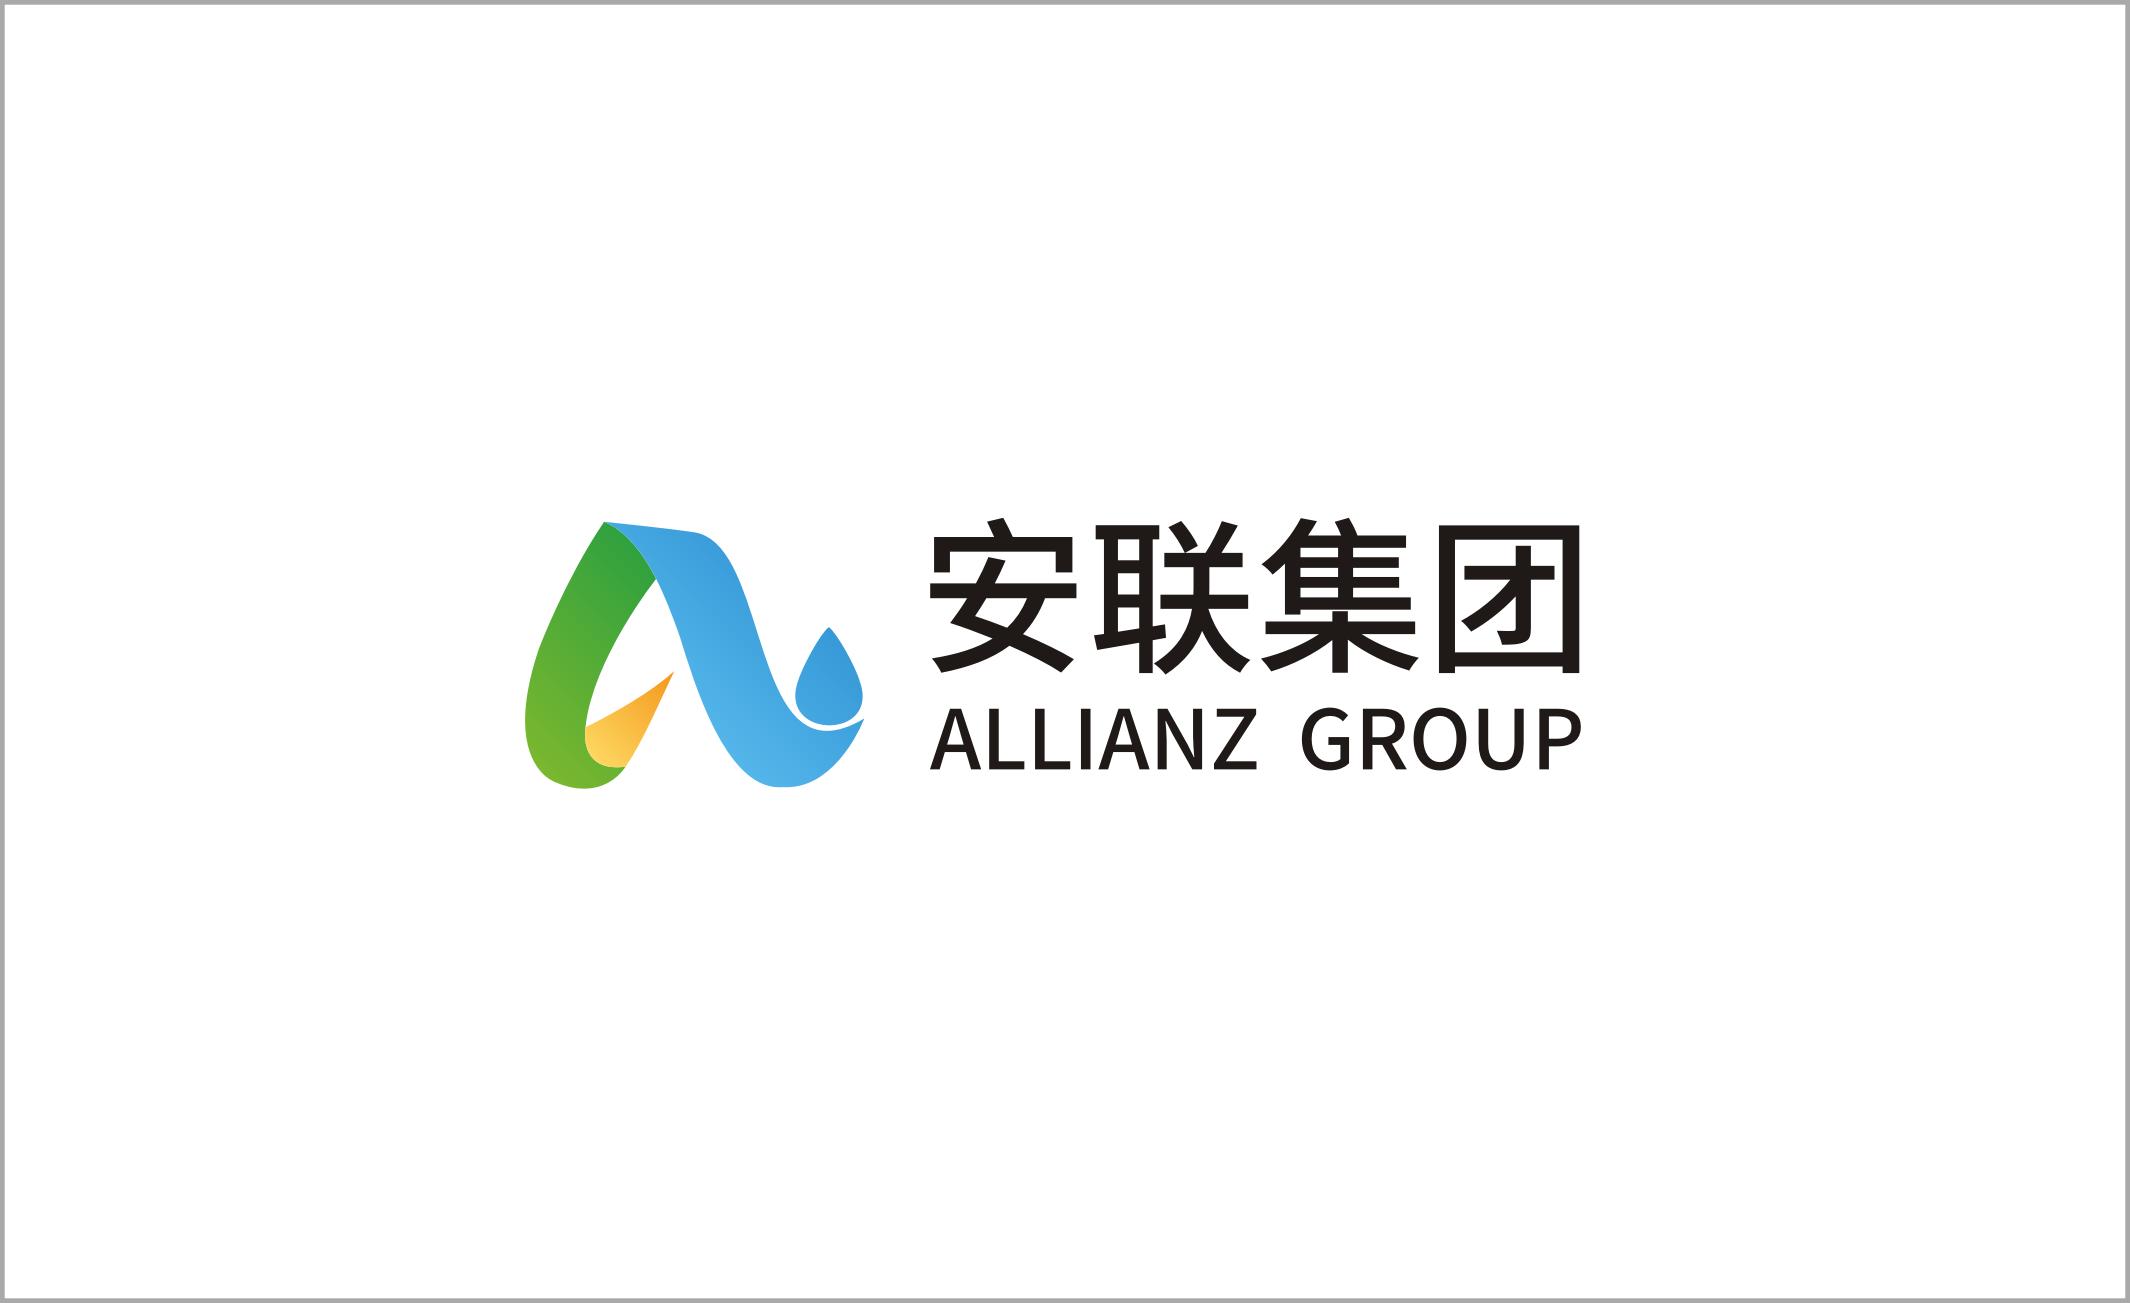 安联环境科技集团股份公司招聘财务经理/会计